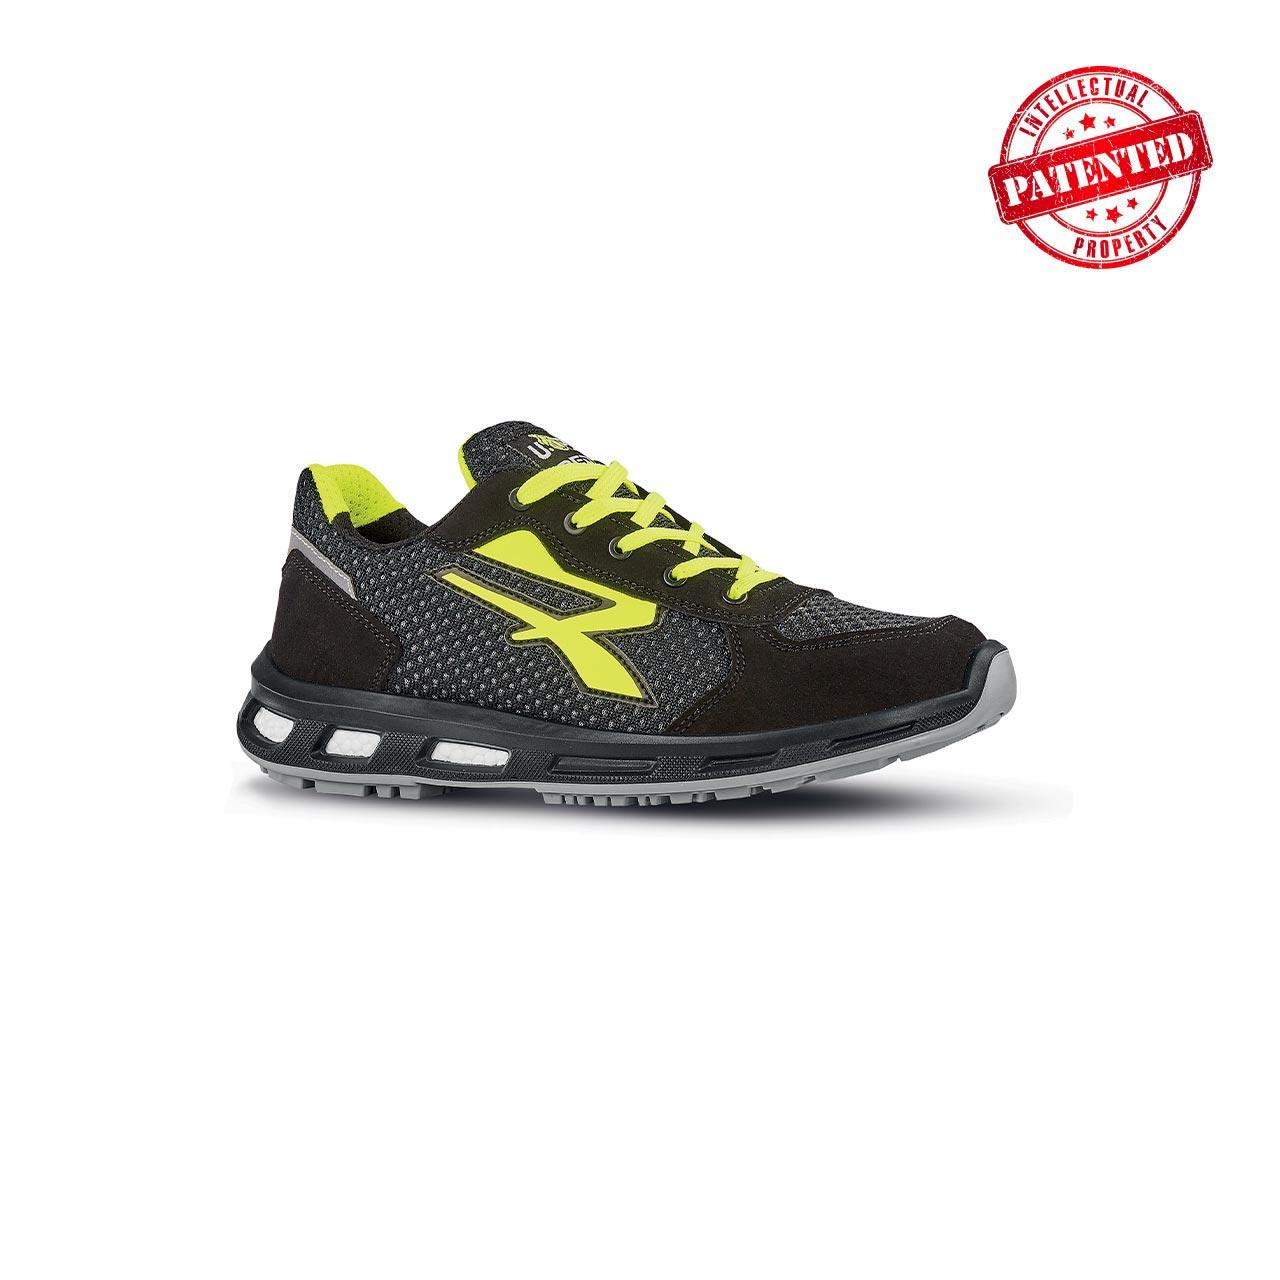 scarpa antinfortunistica upower modello asher linea redpro vista laterale